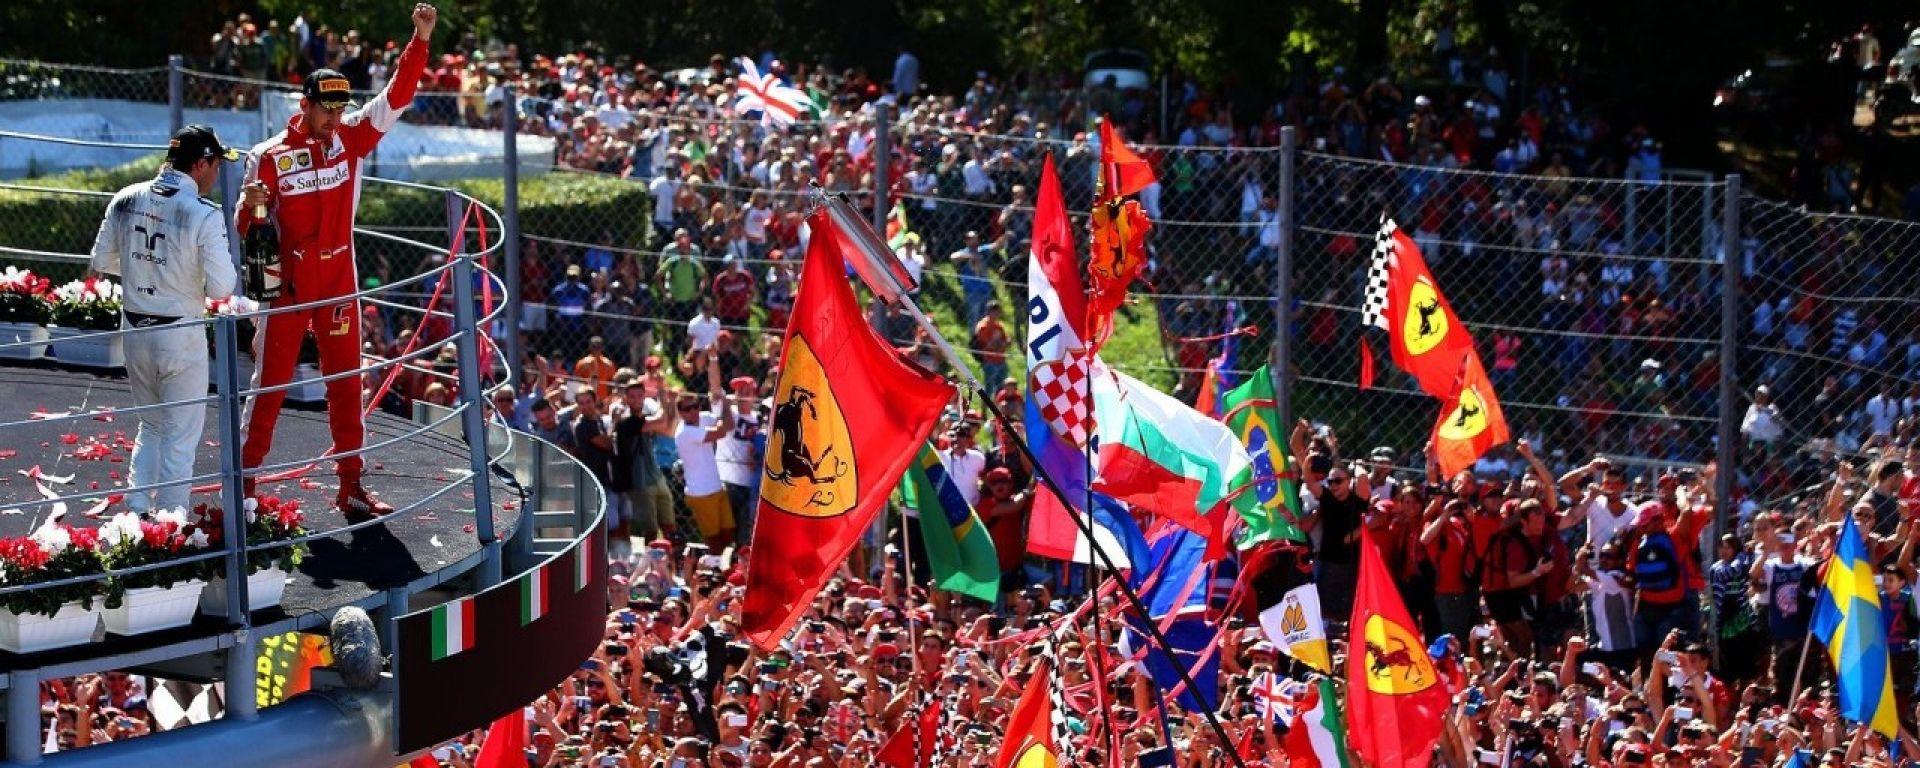 F1 GP Italia Monza 2018, tutte le info: orari, risultati prove, qualifica, gara